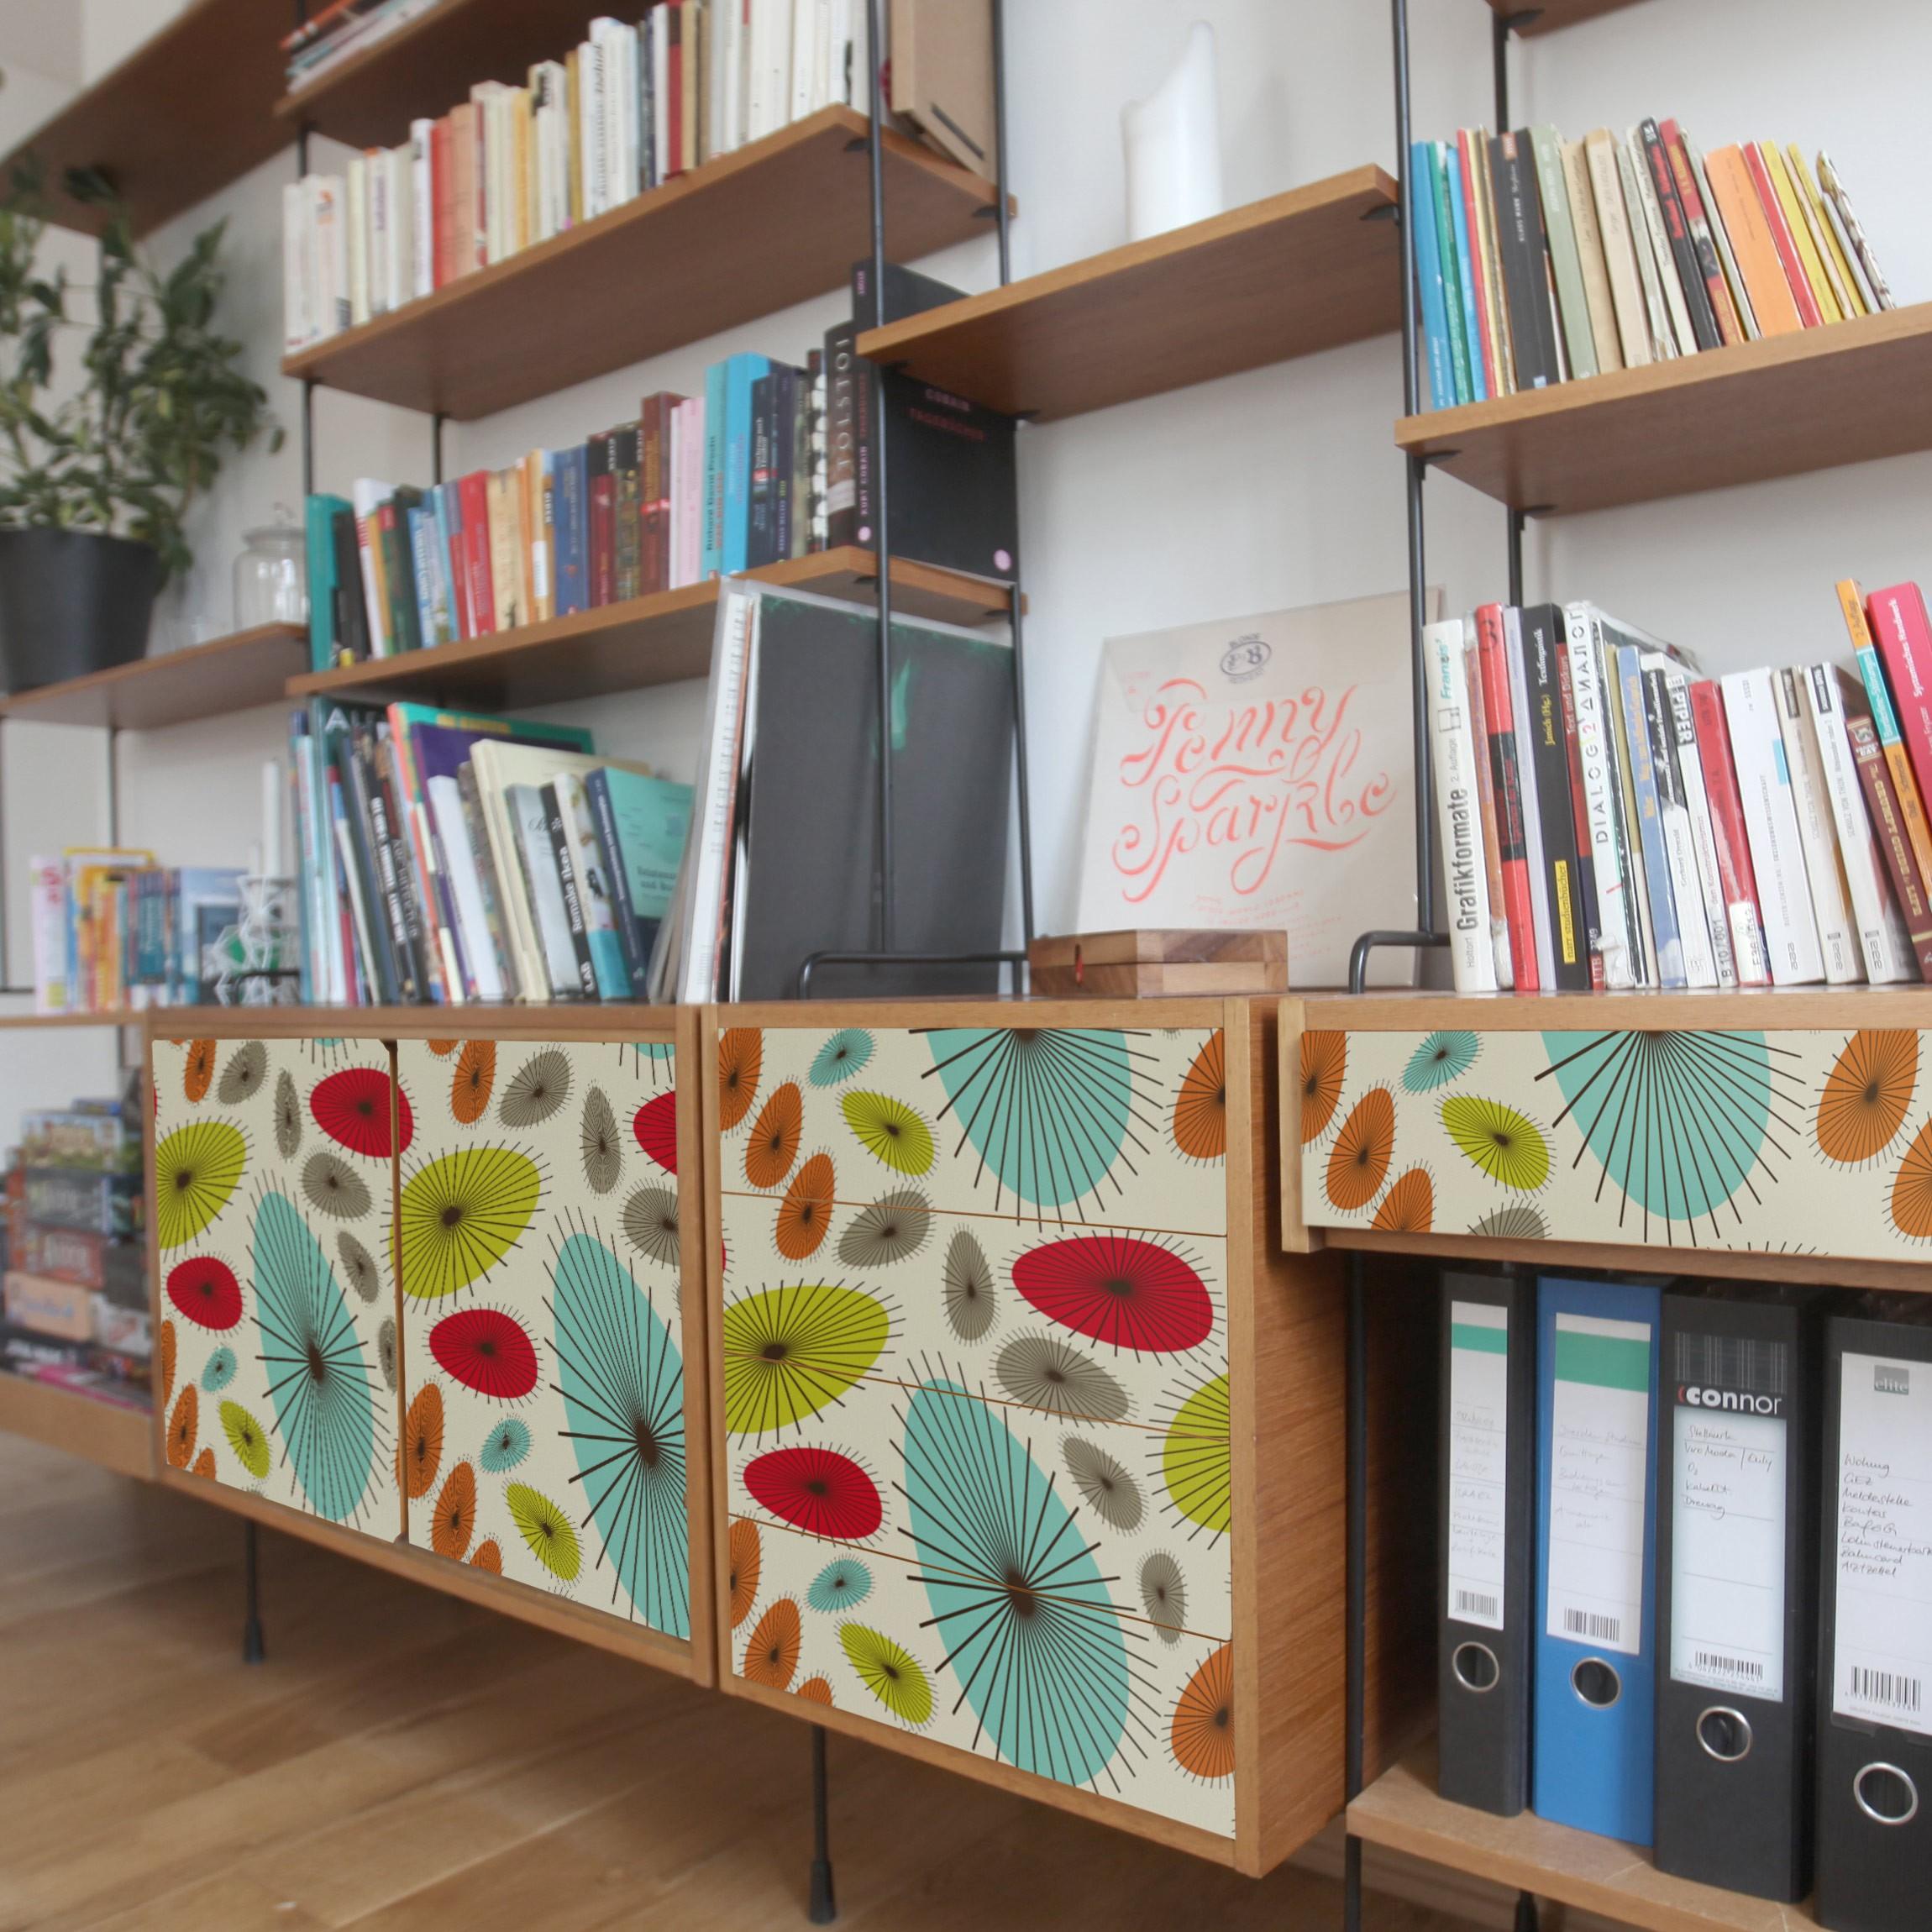 Carta adesiva per mobili abstract retro floral pattern - Carta adesiva colorata per mobili ...